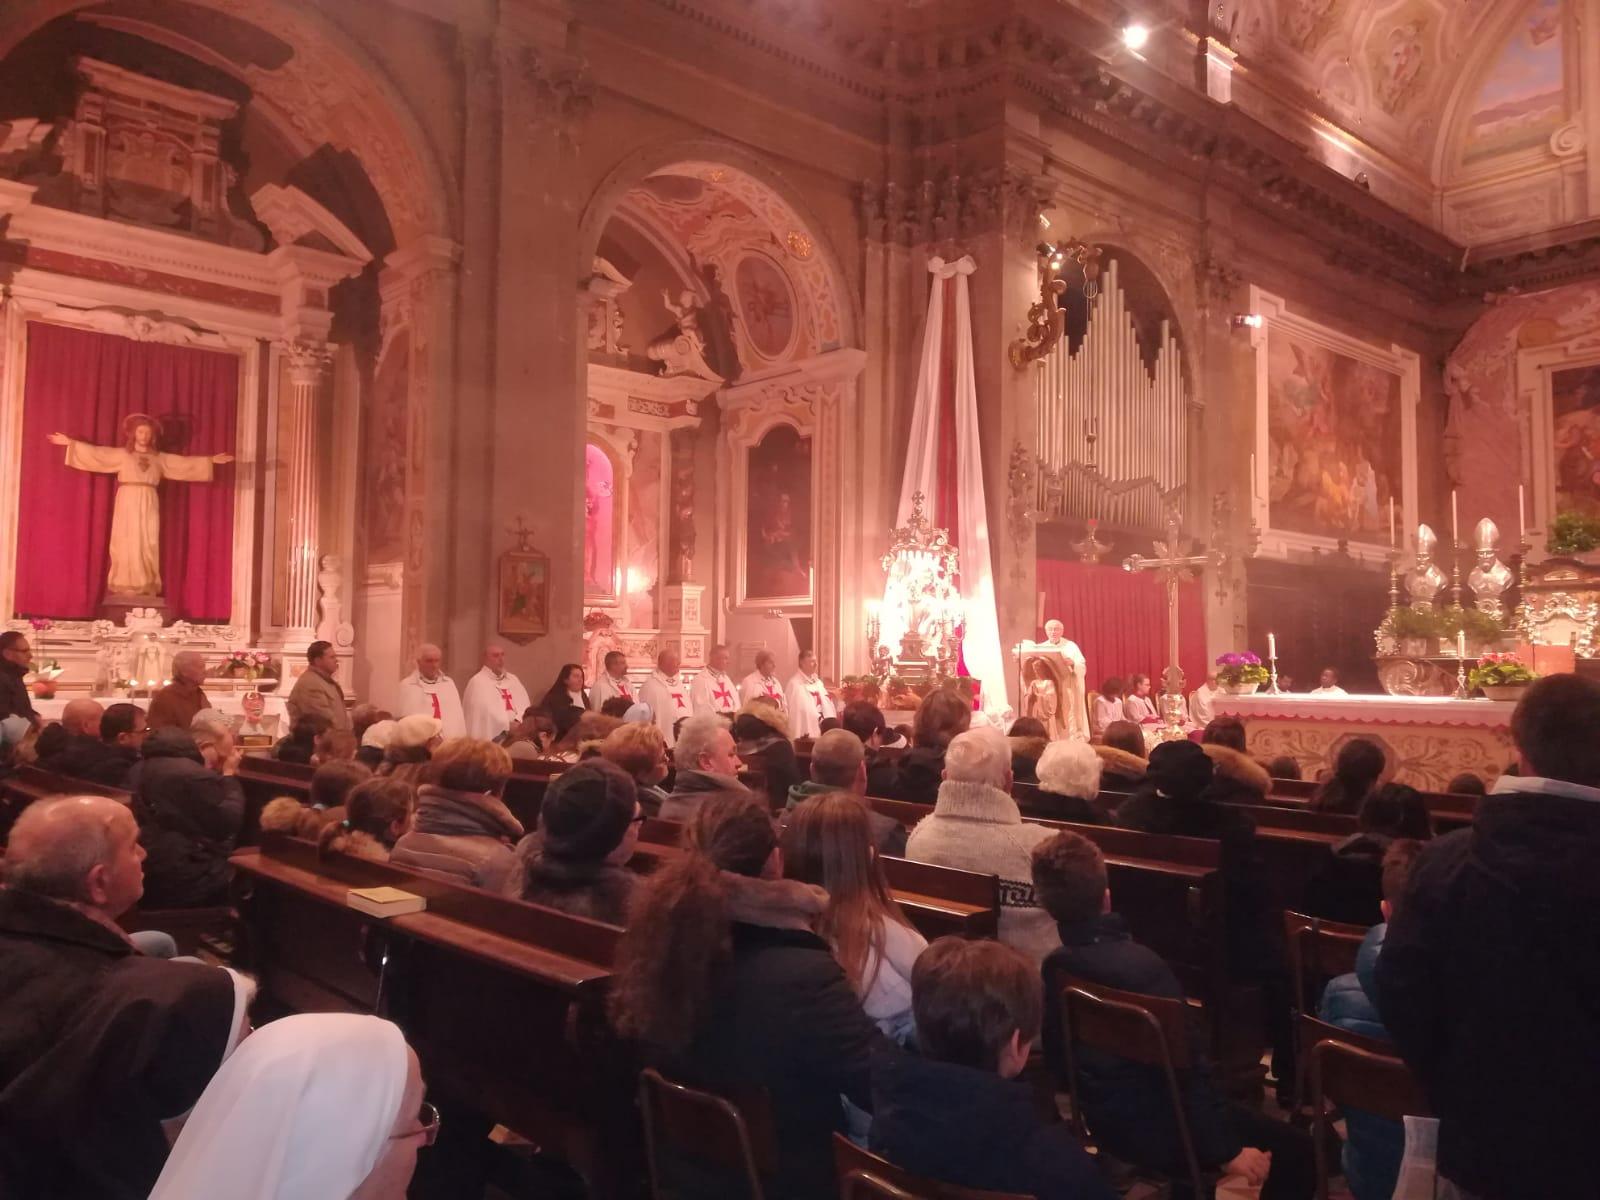 Santa Messa patronale a San Paolo a Piacenza con S.E. Mons. Gianni Ambrosio Vescovo di Piacenza-Bobbio